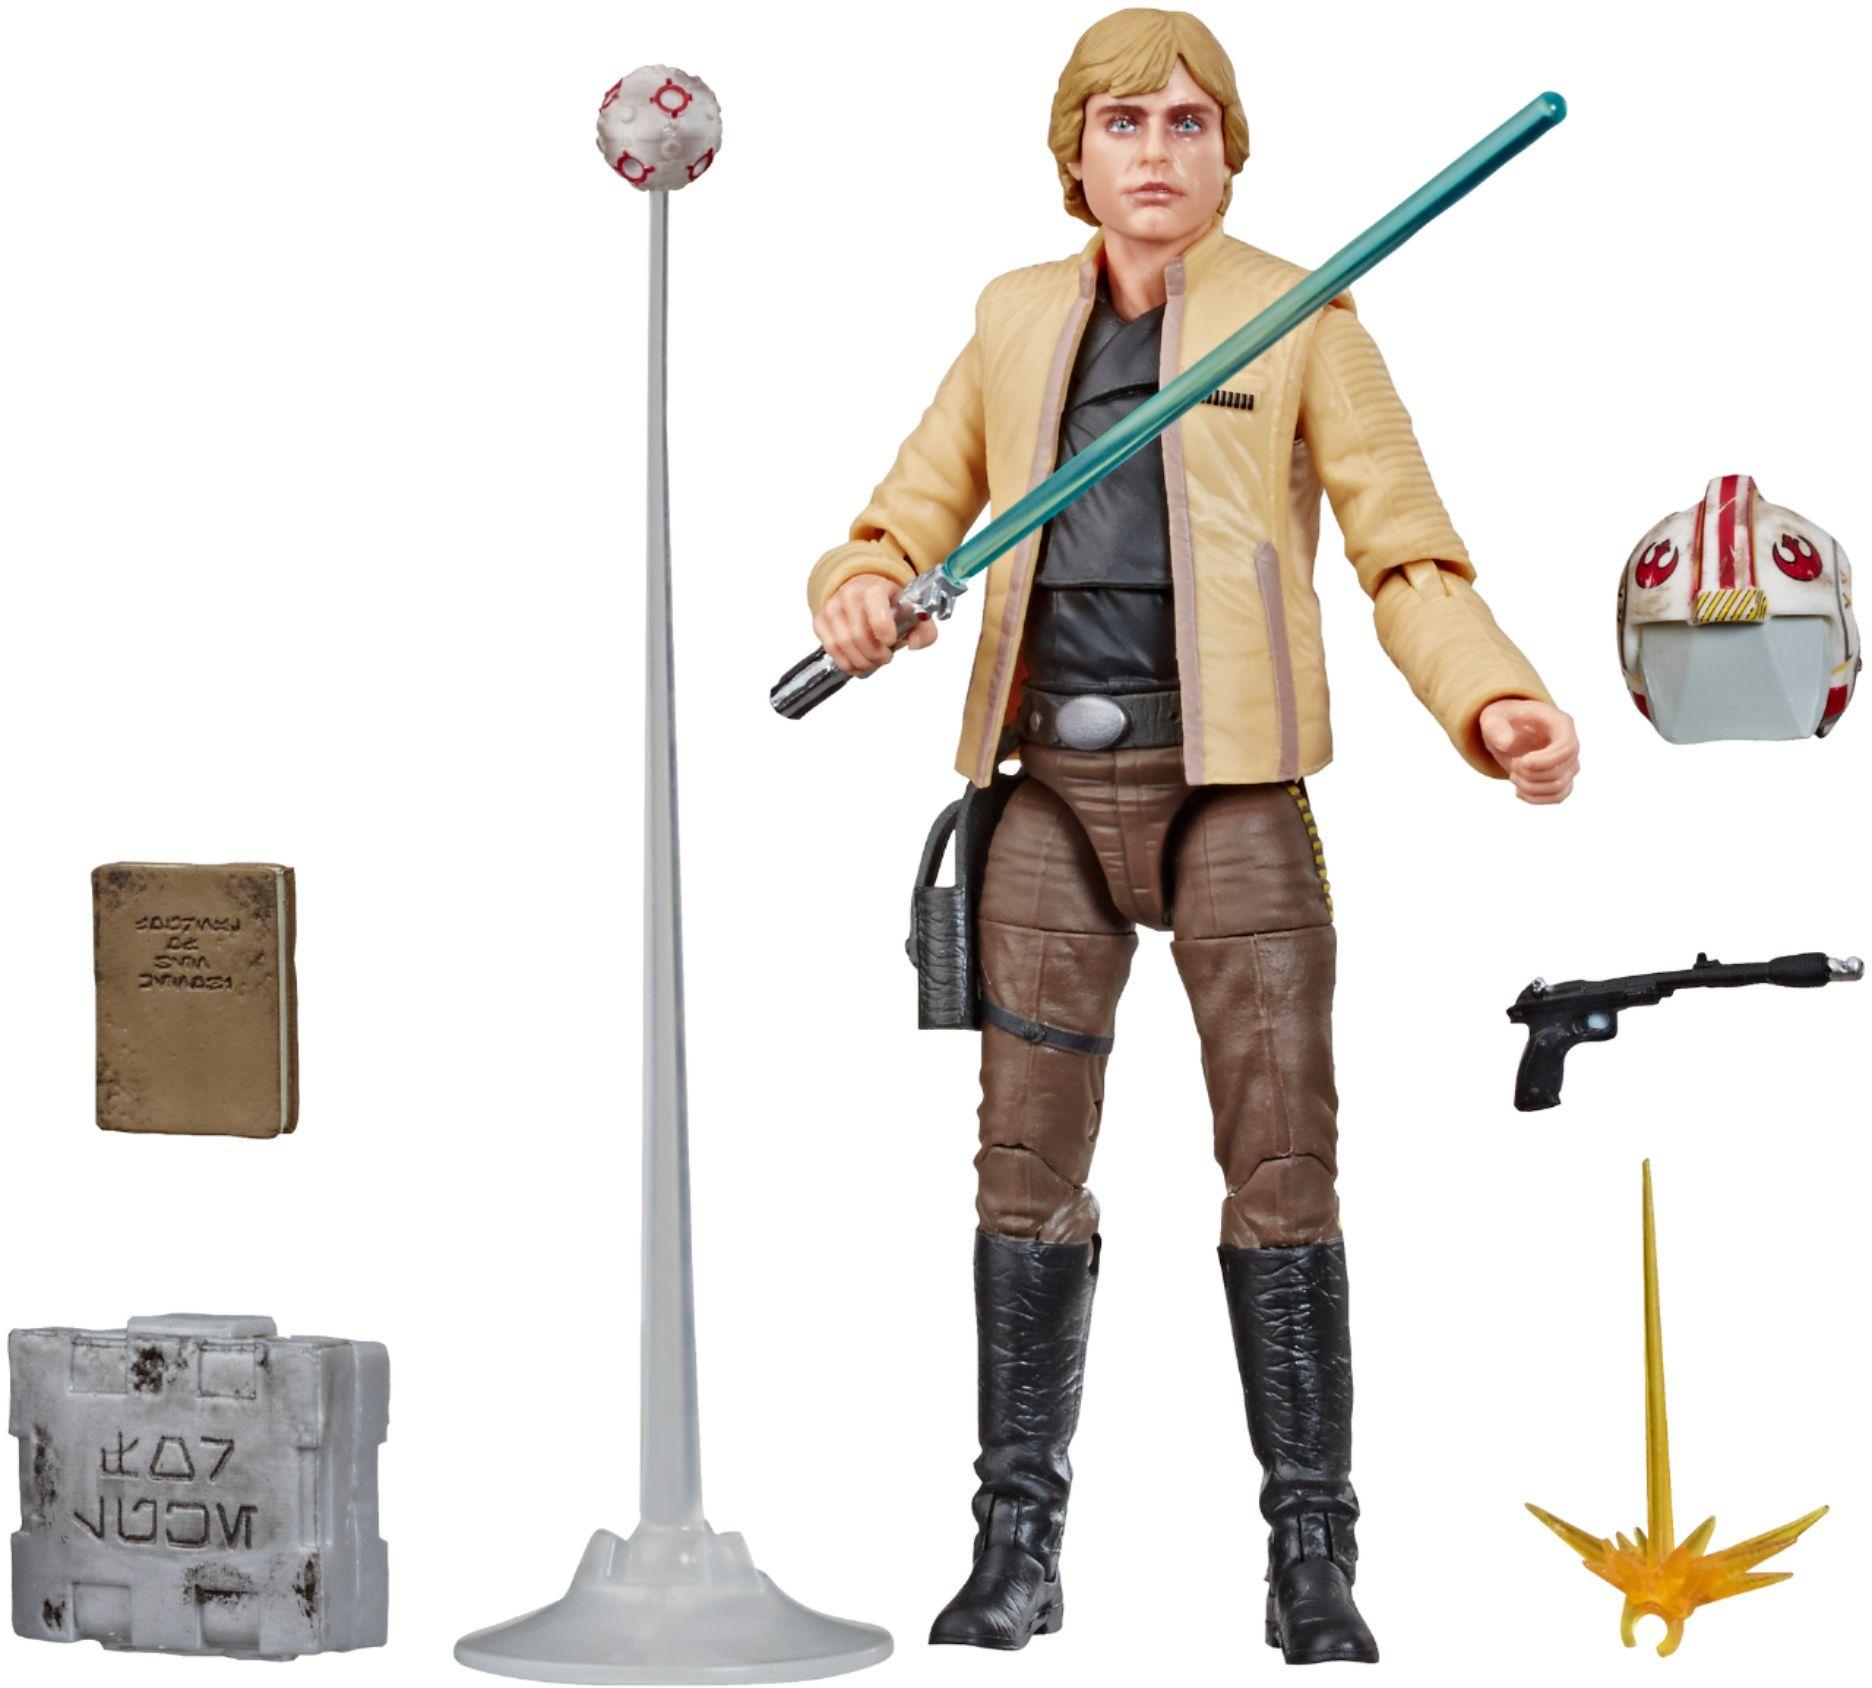 Star Wars Black Series Luke Skywalker Strikes Action Figure w/ Accessories $16 + Free Store Pickup at Best Buy